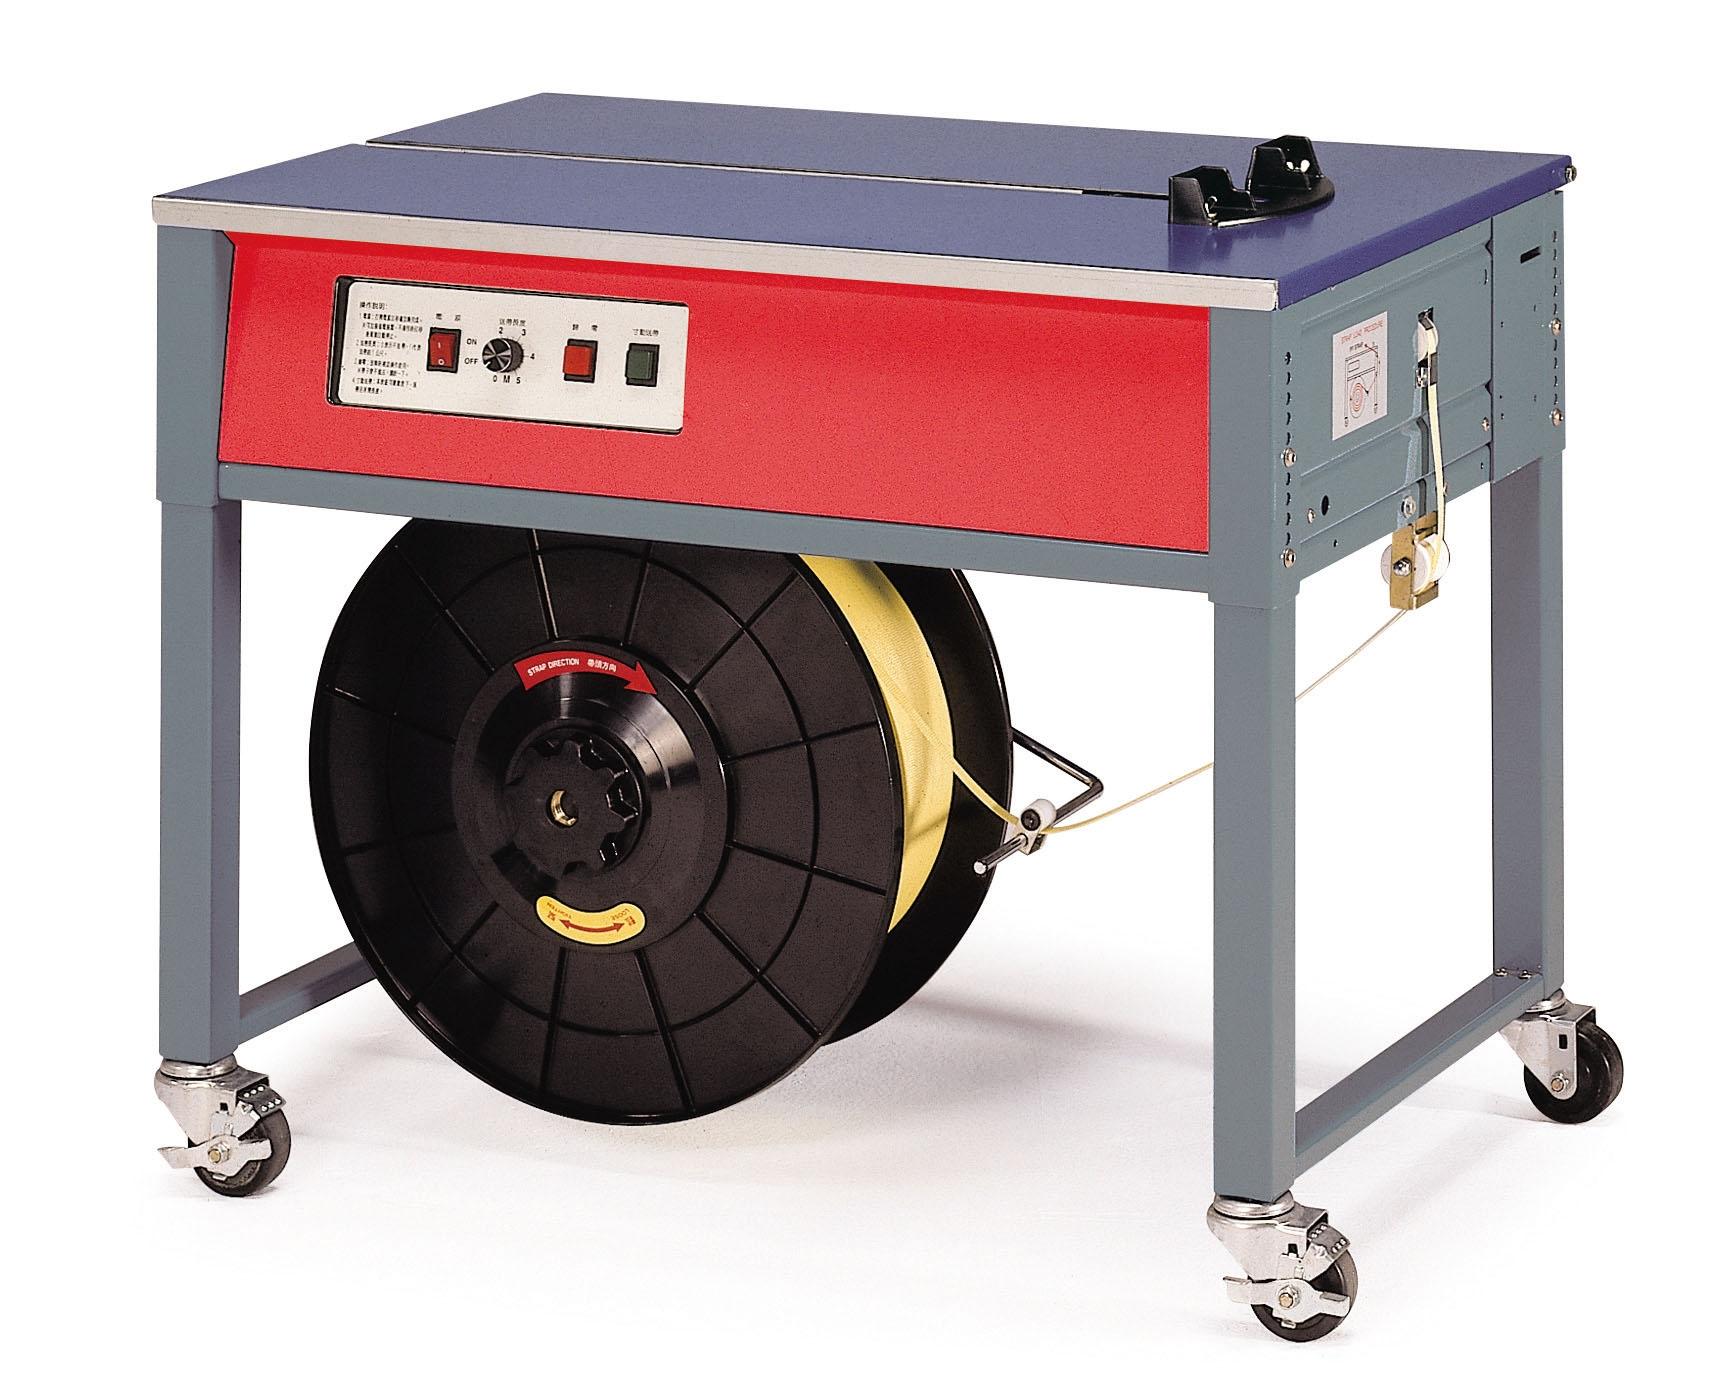 Máy niền đai thùng bán tự động PW-616H